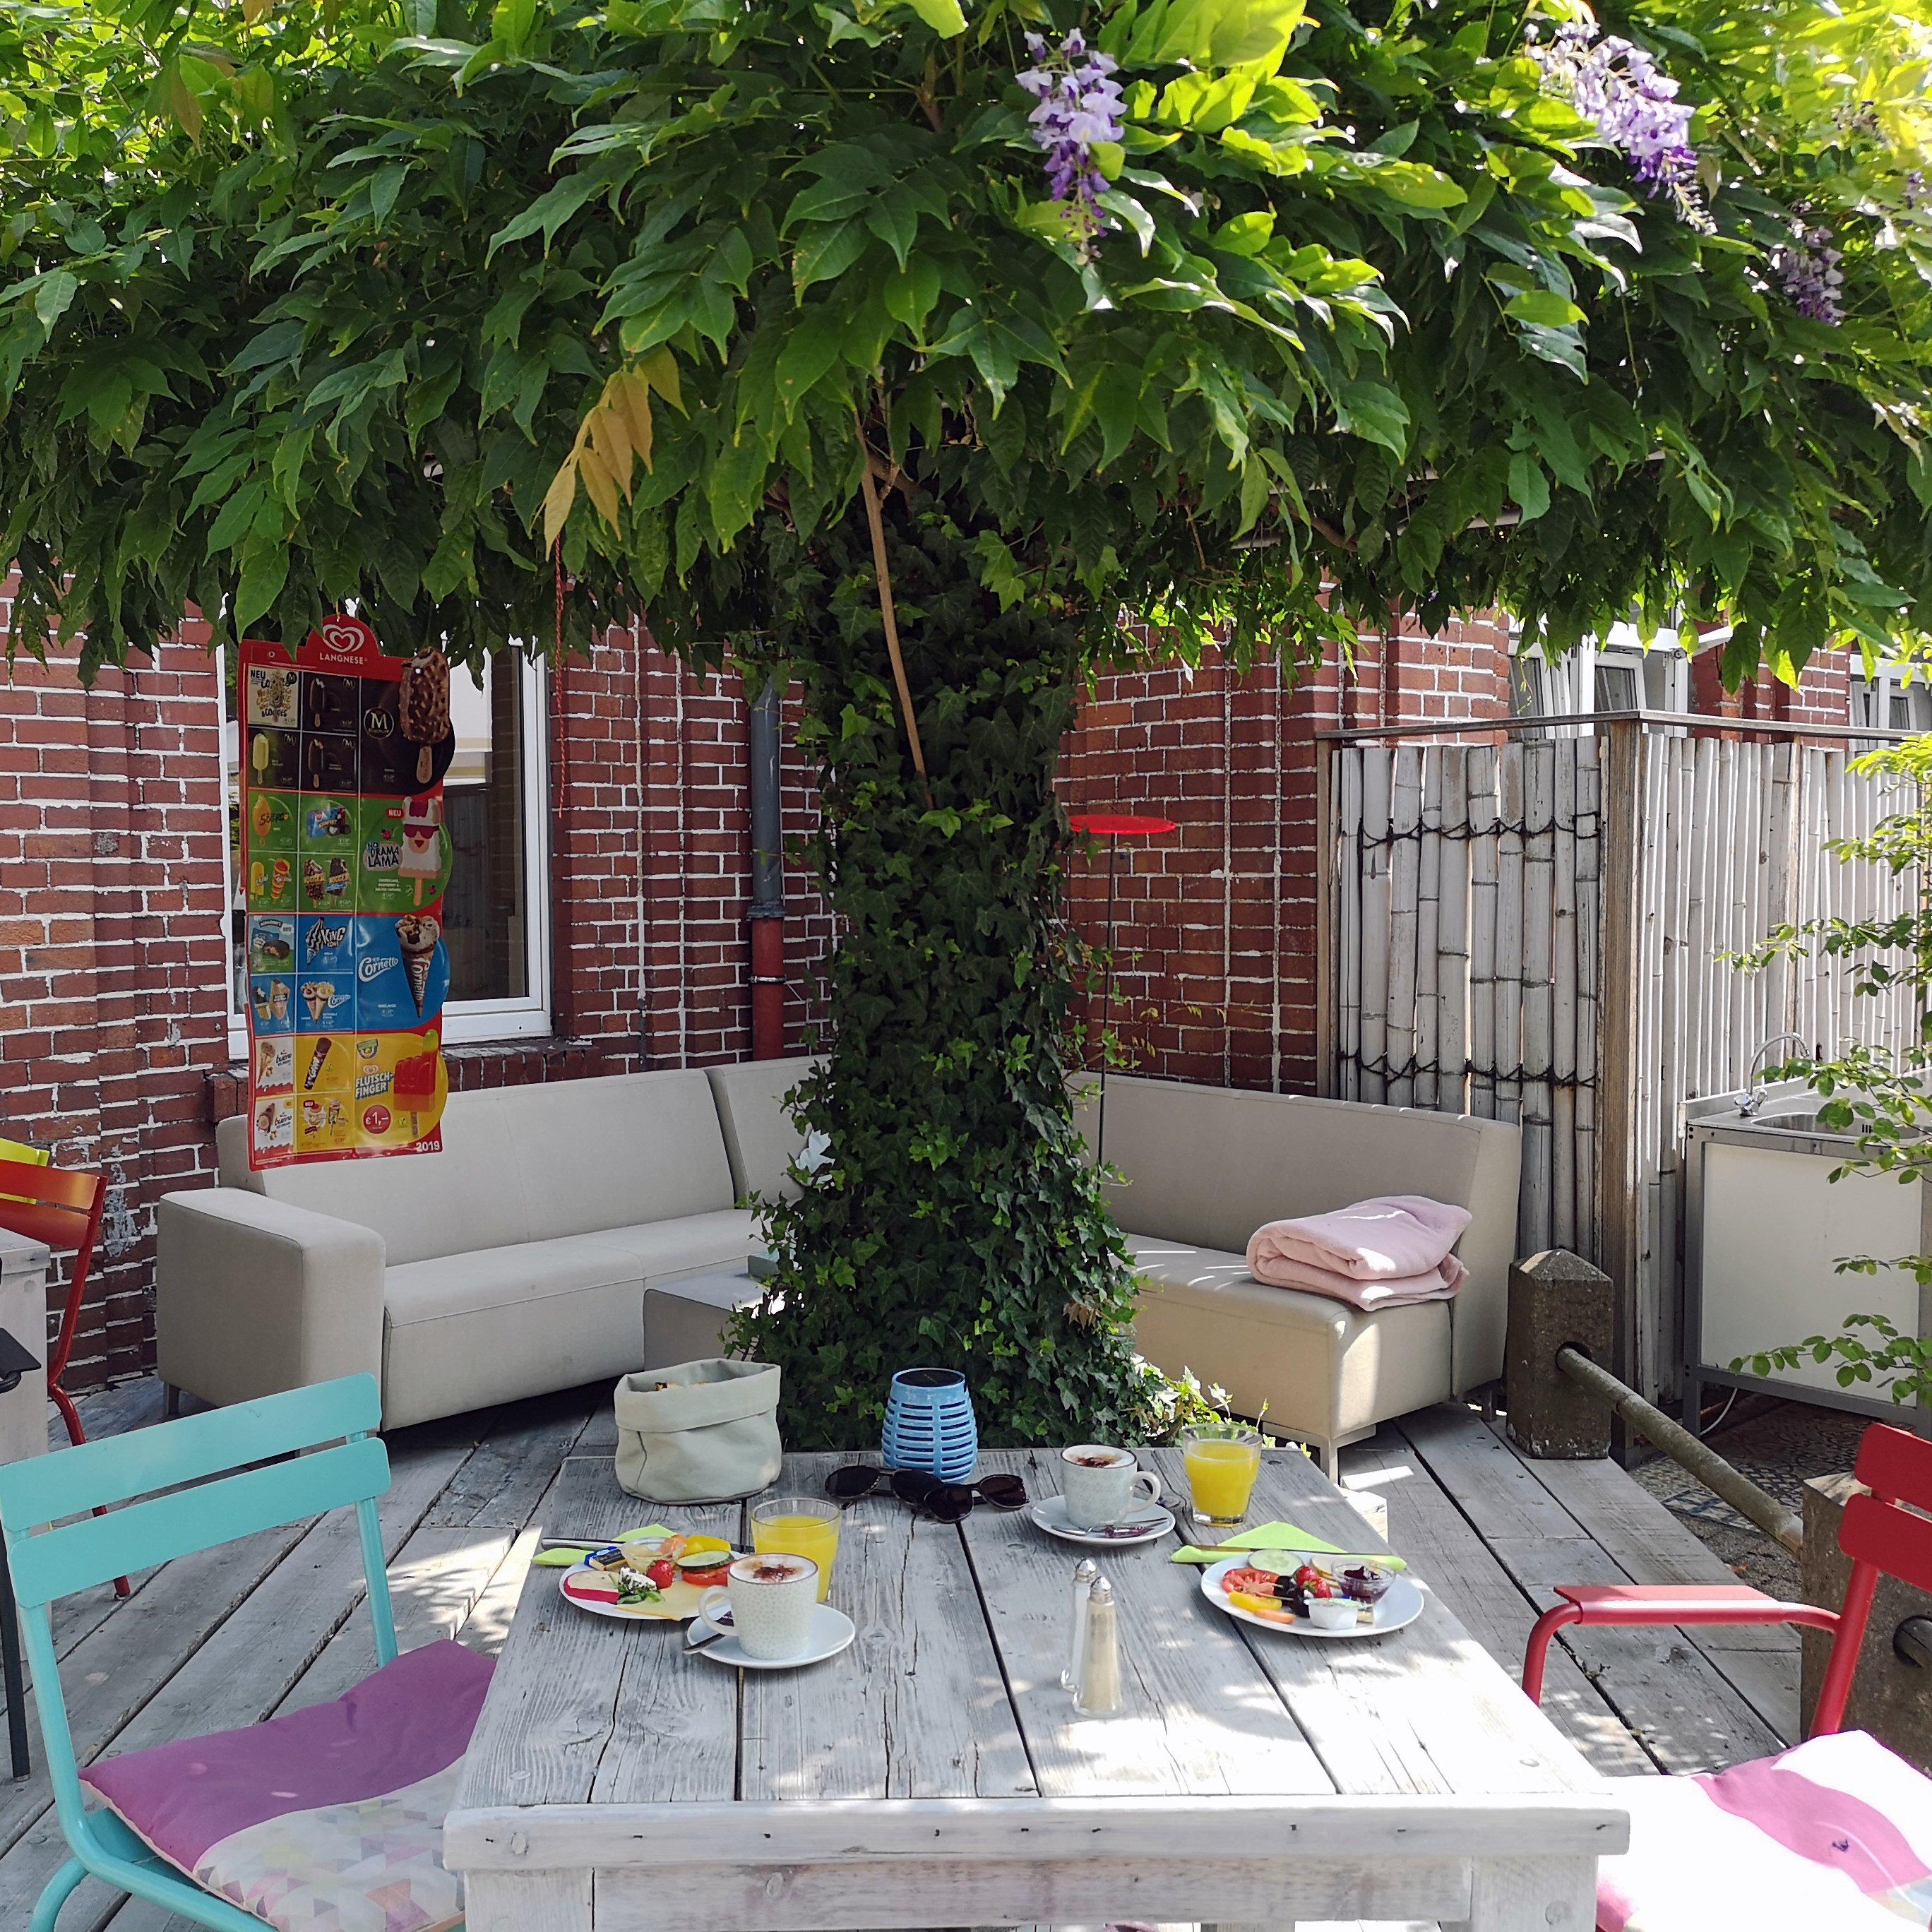 Das Bild zeigt den Innenhof des In Hostel Veritas mit Frühstückssituation